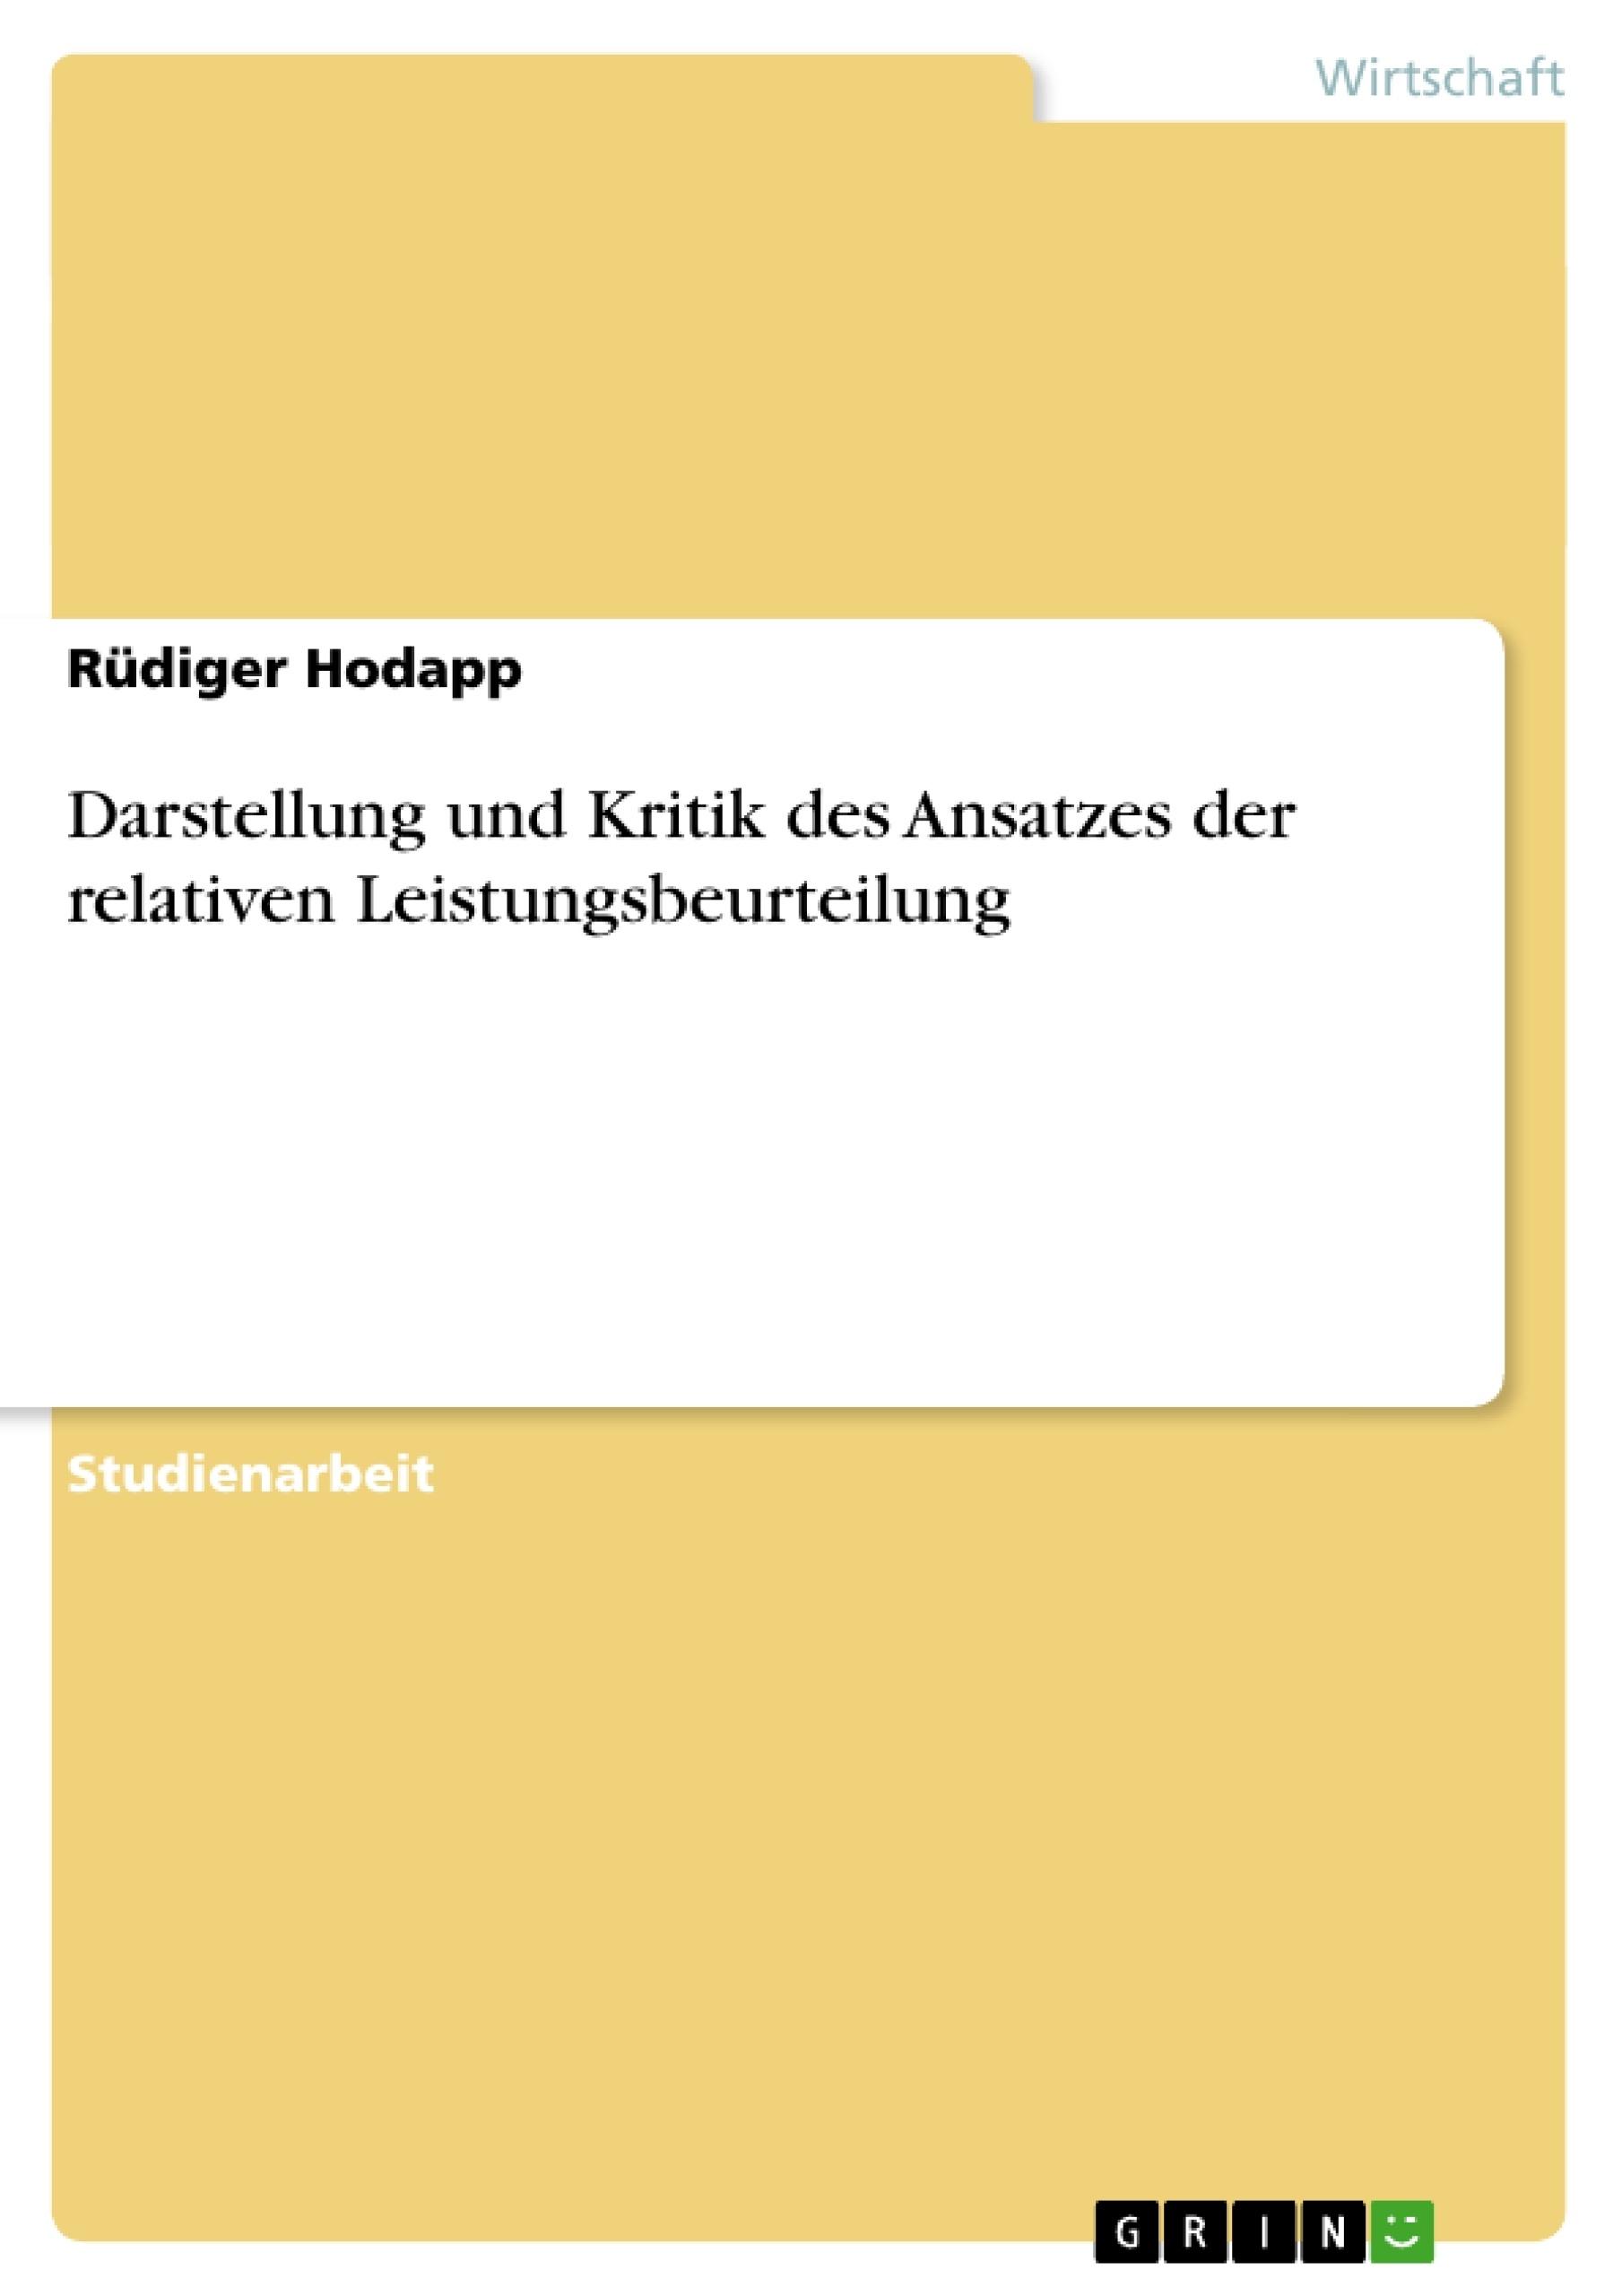 Titel: Darstellung und Kritik des Ansatzes der relativen Leistungsbeurteilung